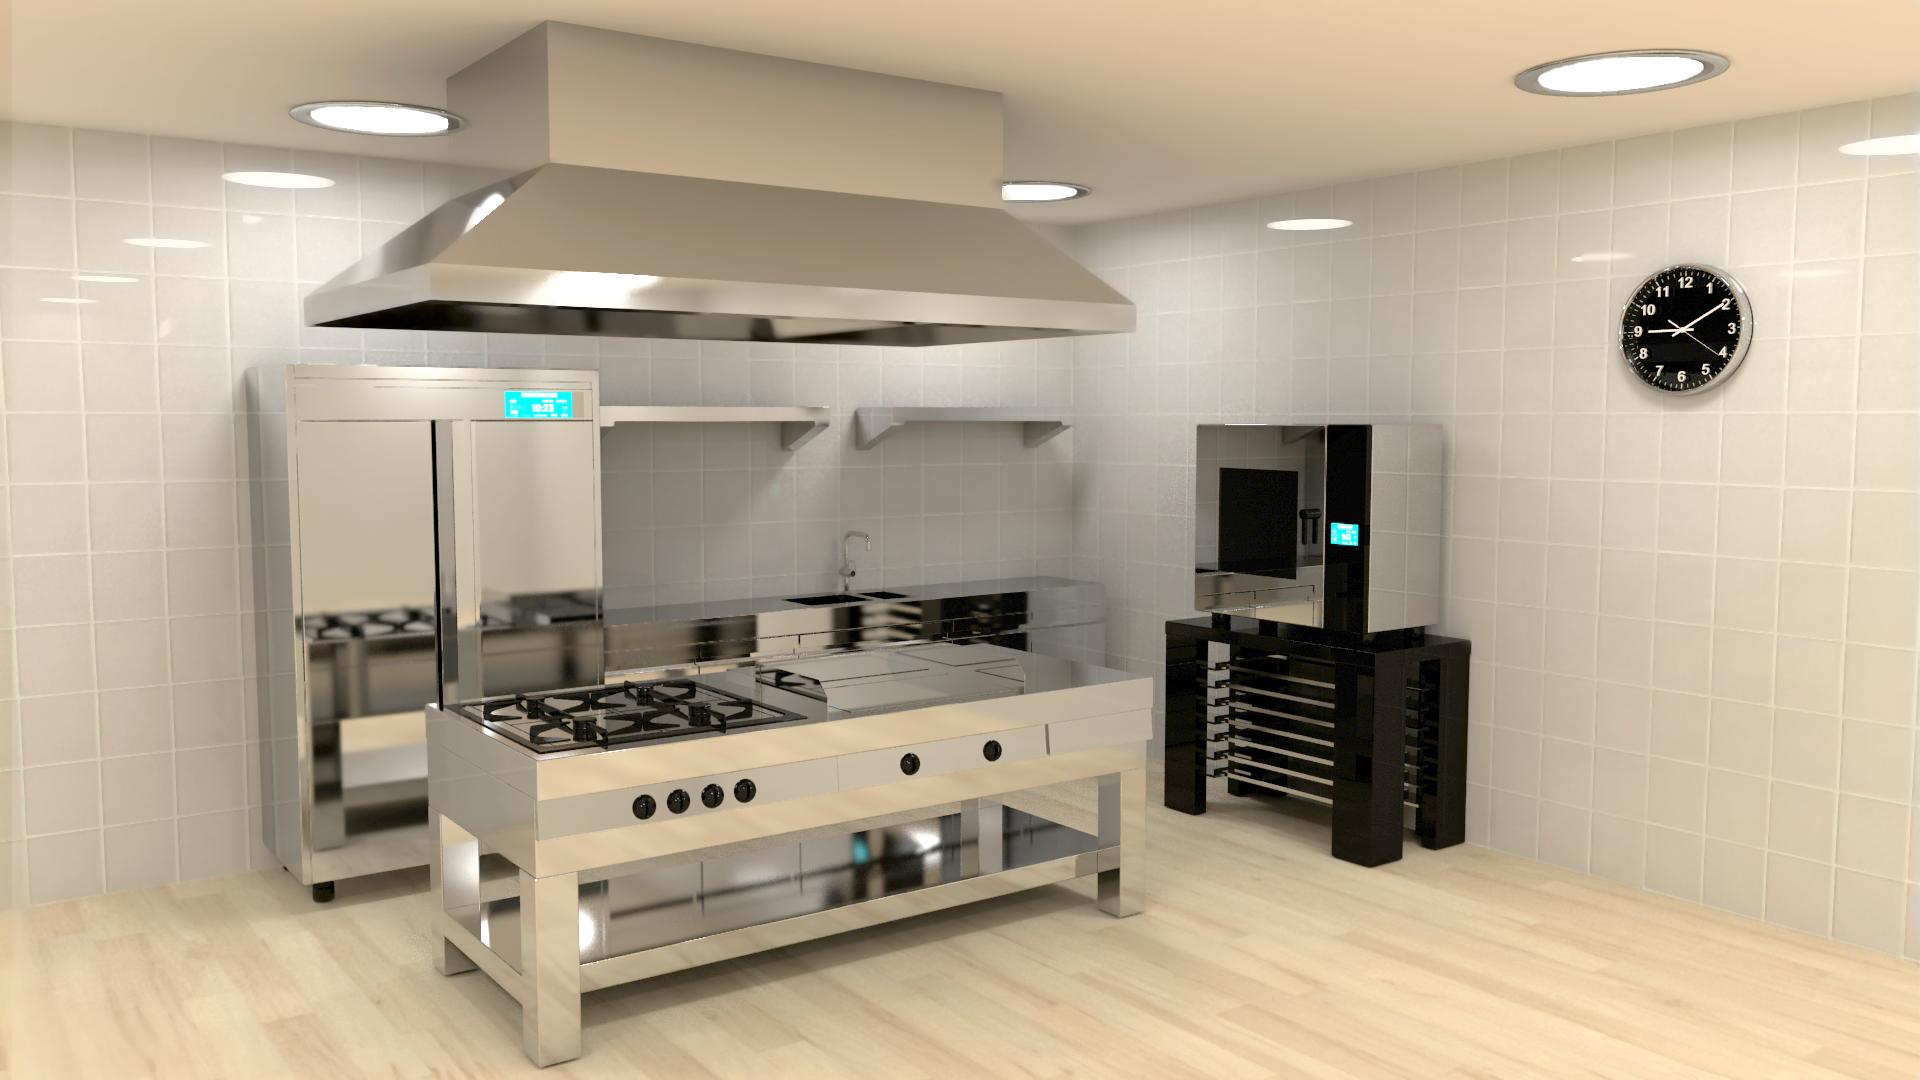 cocina industrial_render copia